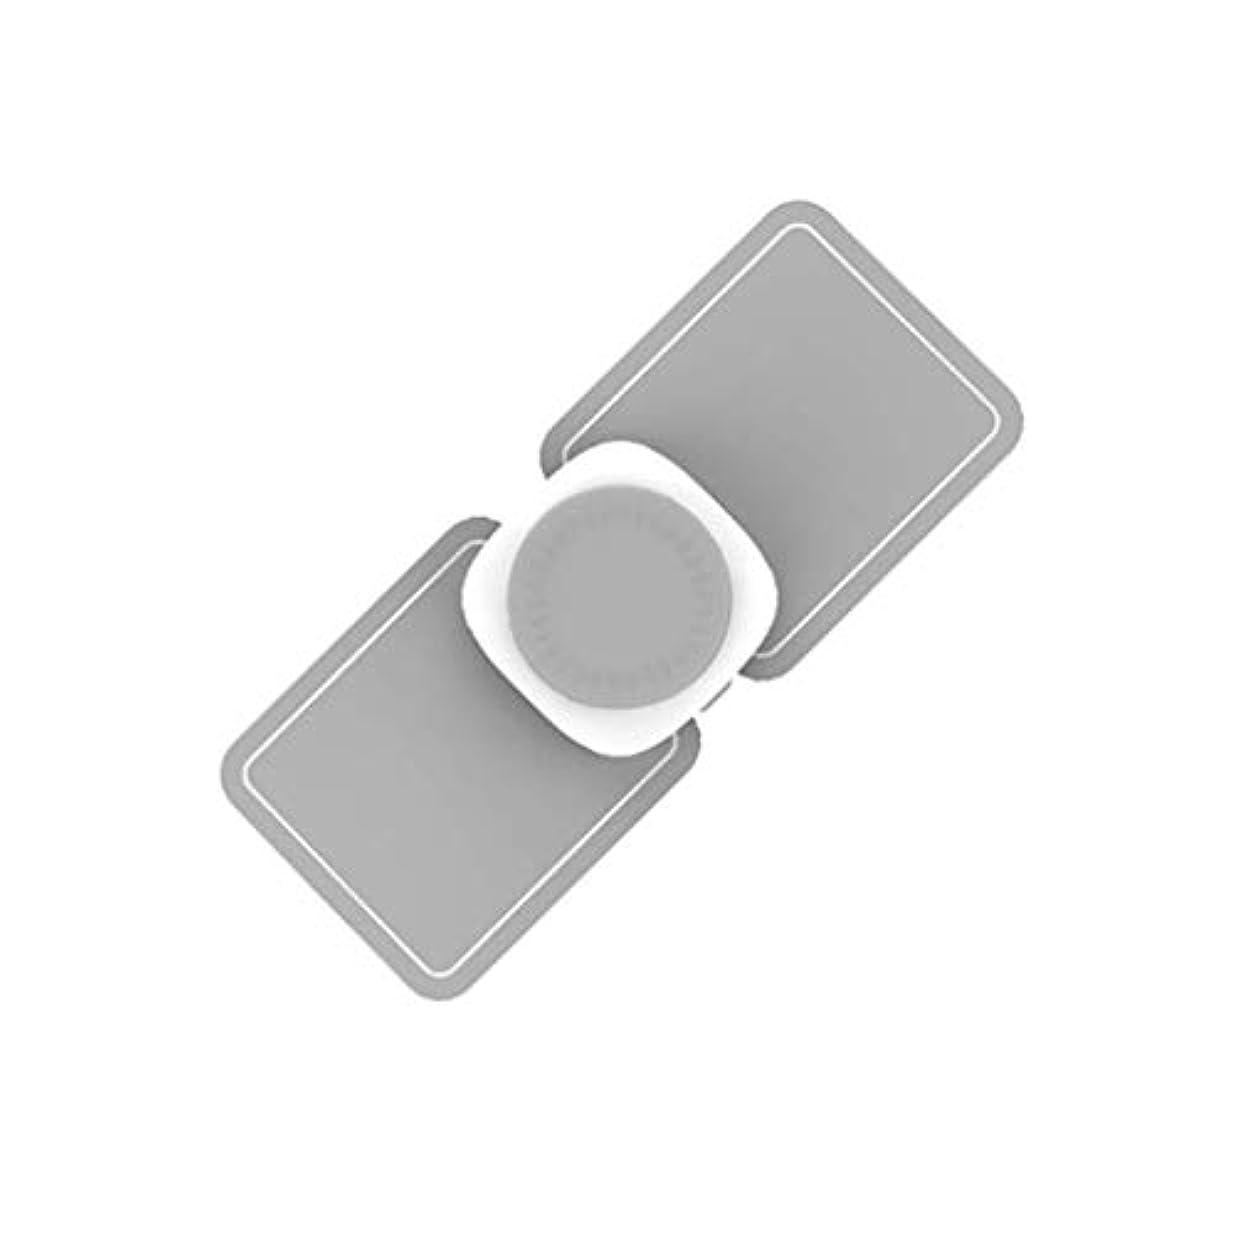 砦愛情分配しますマッサージャー、ポータブルミニネック ショルダーマッサージャー、USB充電式電動ディープマッサージツール、マッスルリラクゼーションにより、ホームオフィスの痛みを軽減 (Color : Grey)